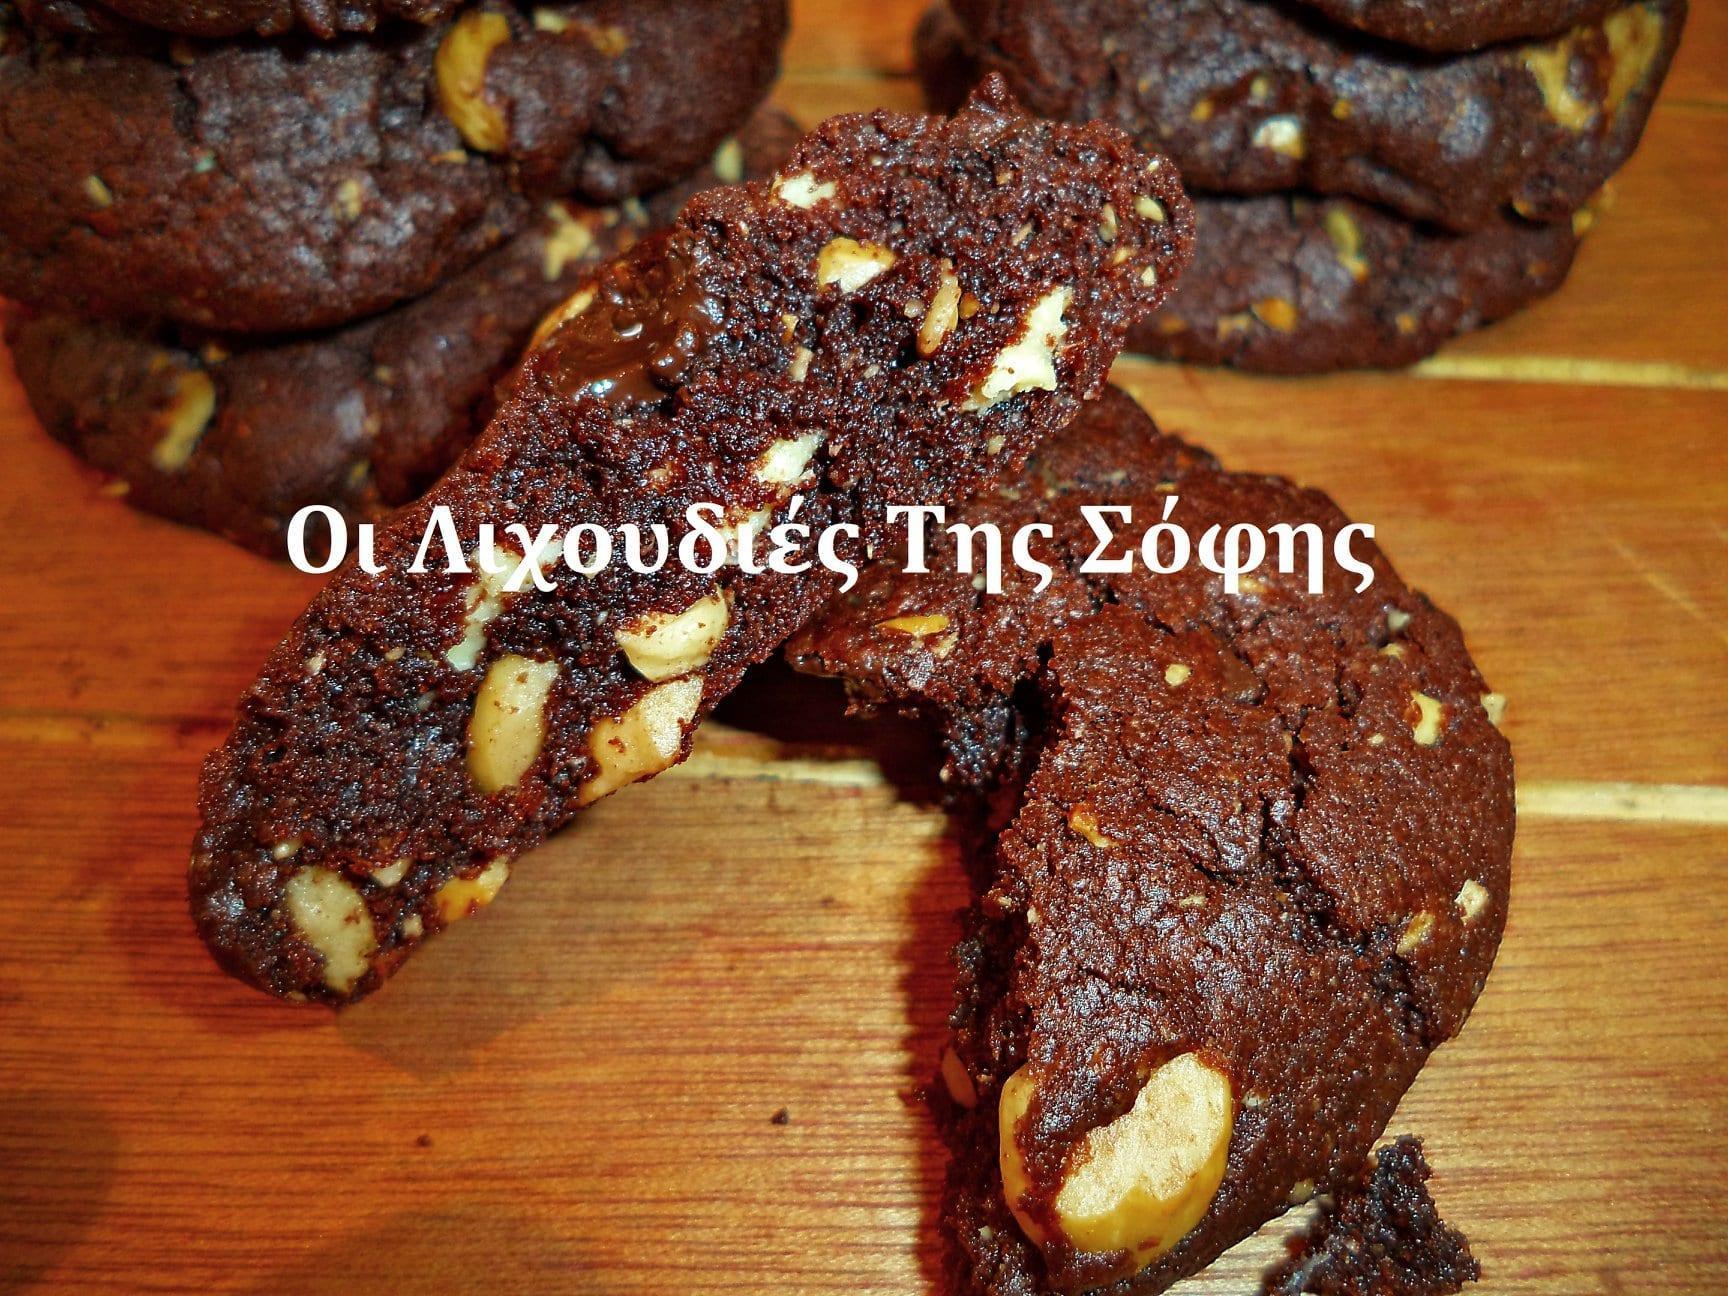 Φανταστικά σοκολατένια μαλακά μπισκότα με φουντούκι από την Σοφη Τσιώπου!!!